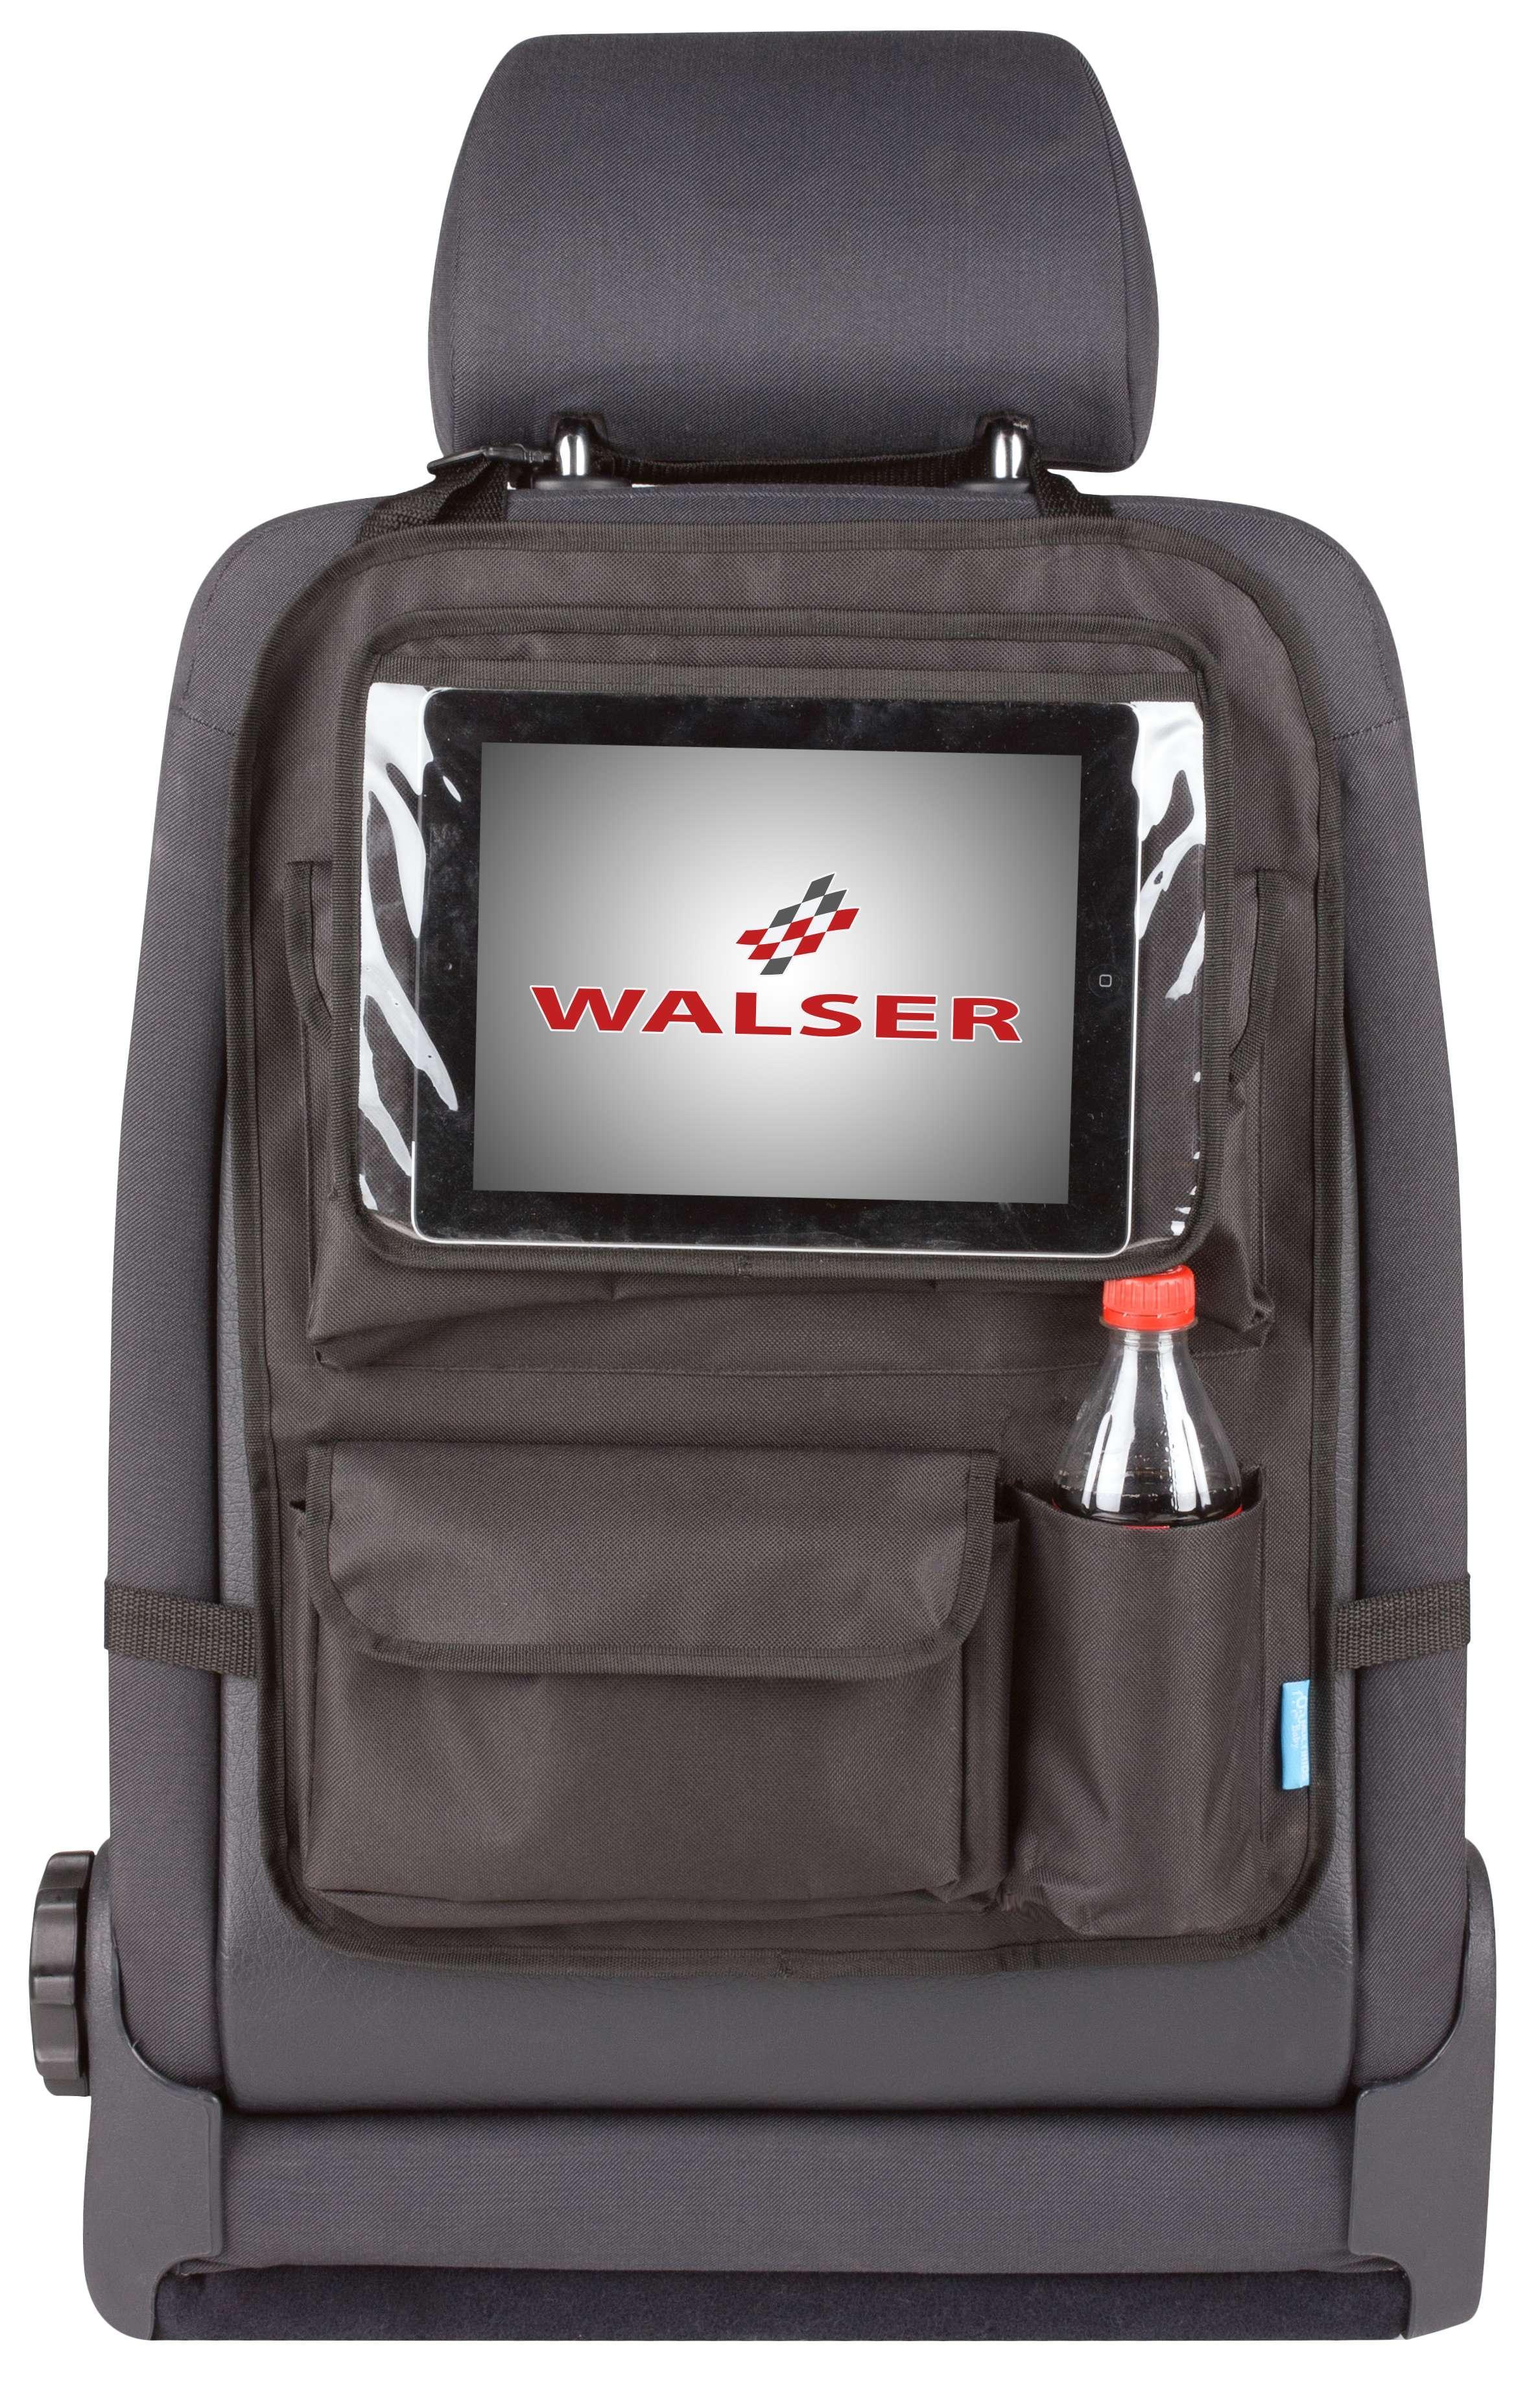 Rücksitz-Organizer 26147 WALSER 26147 in Original Qualität